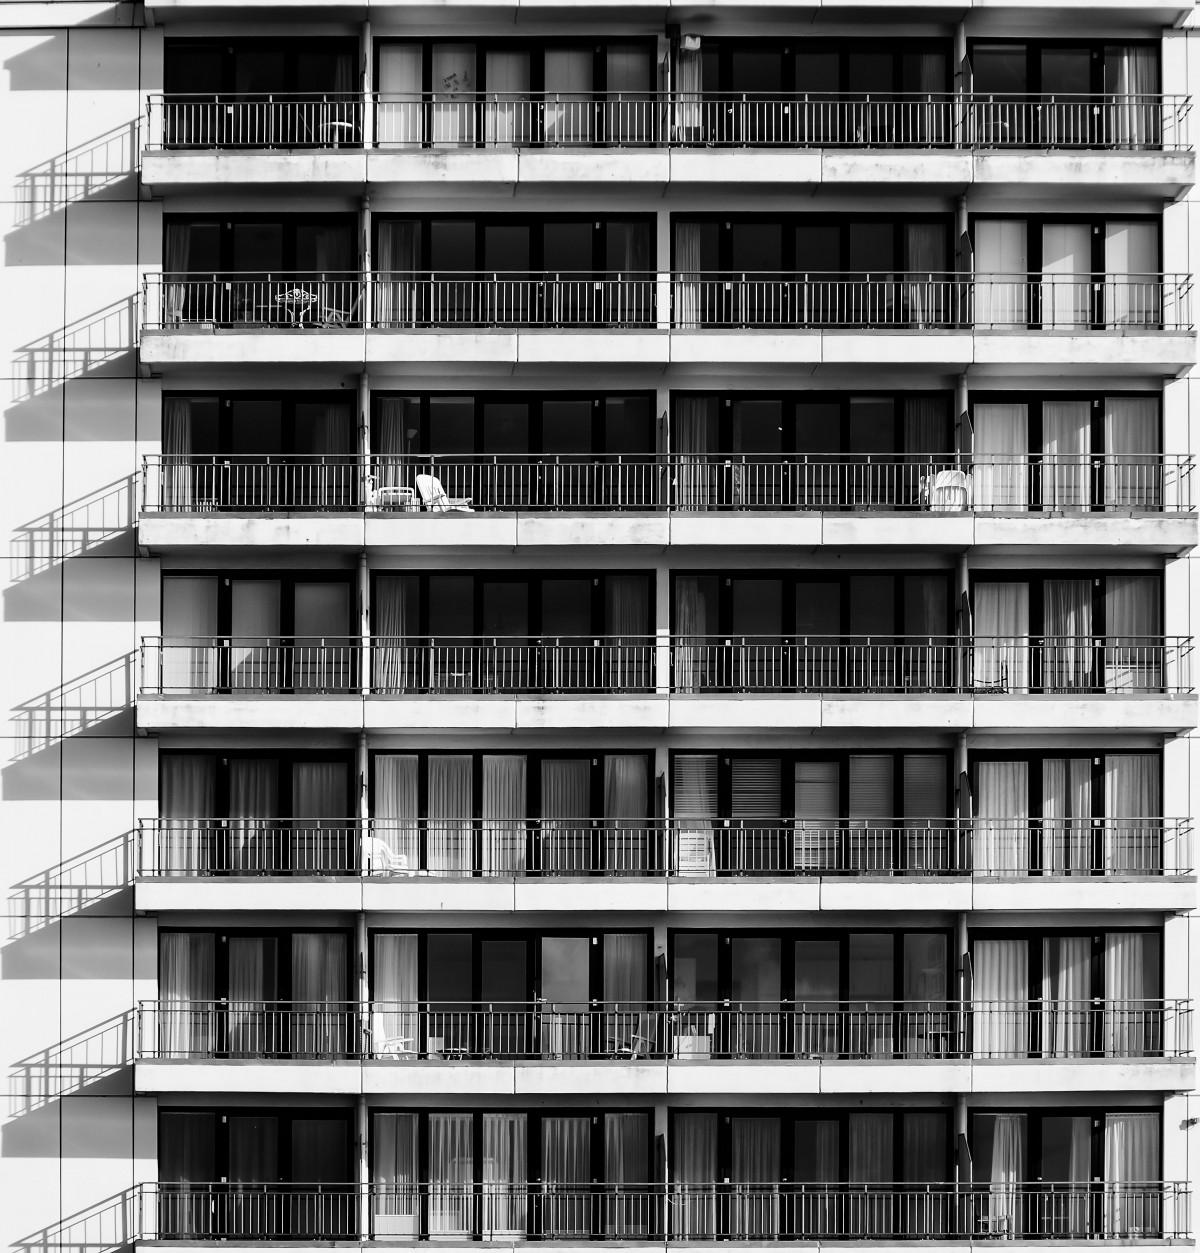 Images gratuites noir et blanc architecture gratte for Conception d architecture en ligne gratuite pour la maison